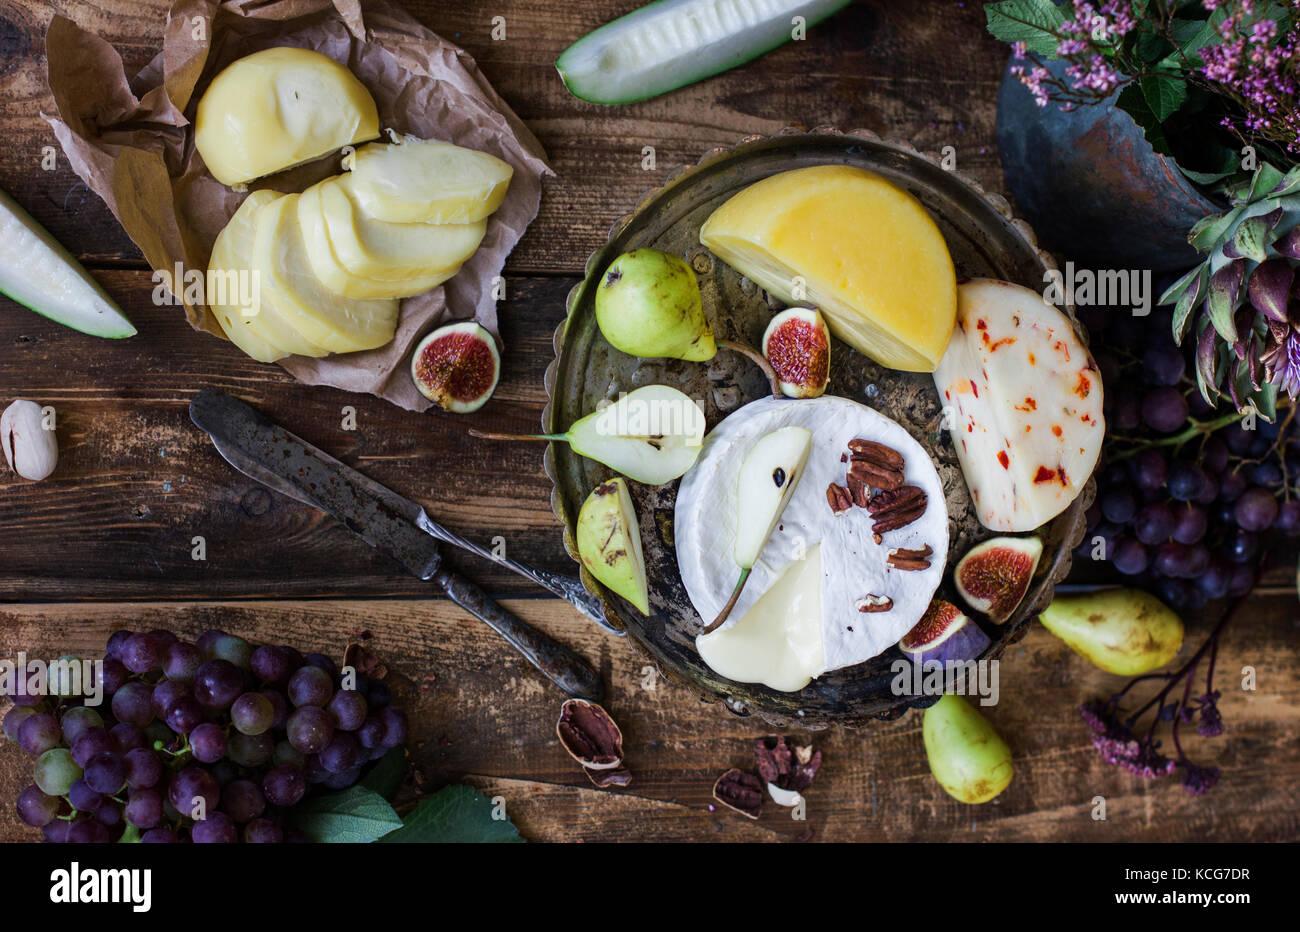 Les différents fromages et fruits sur le fond de bois Photo Stock